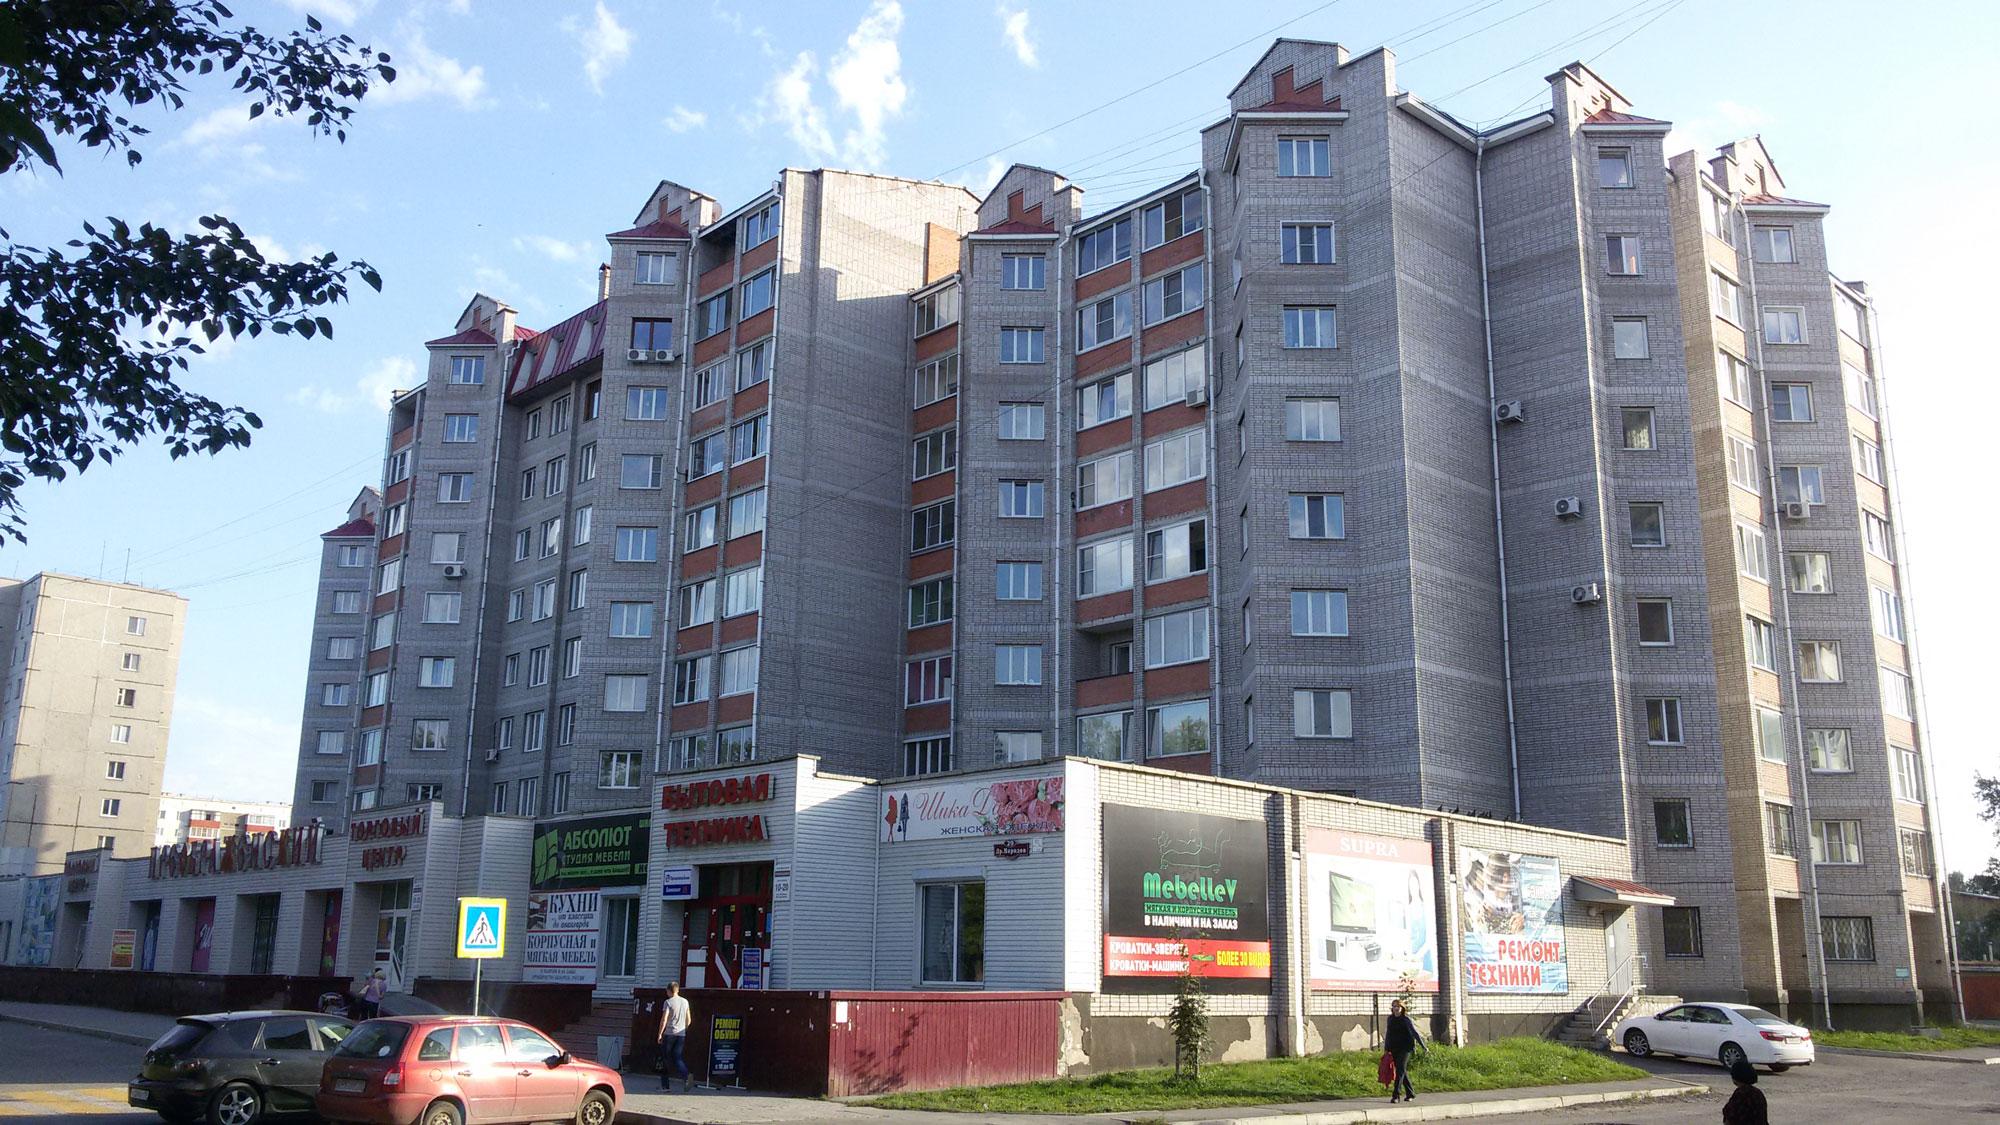 Жилой дом по ул. Др. Народов в г. Абакане. Арх. Семизоров М.В.